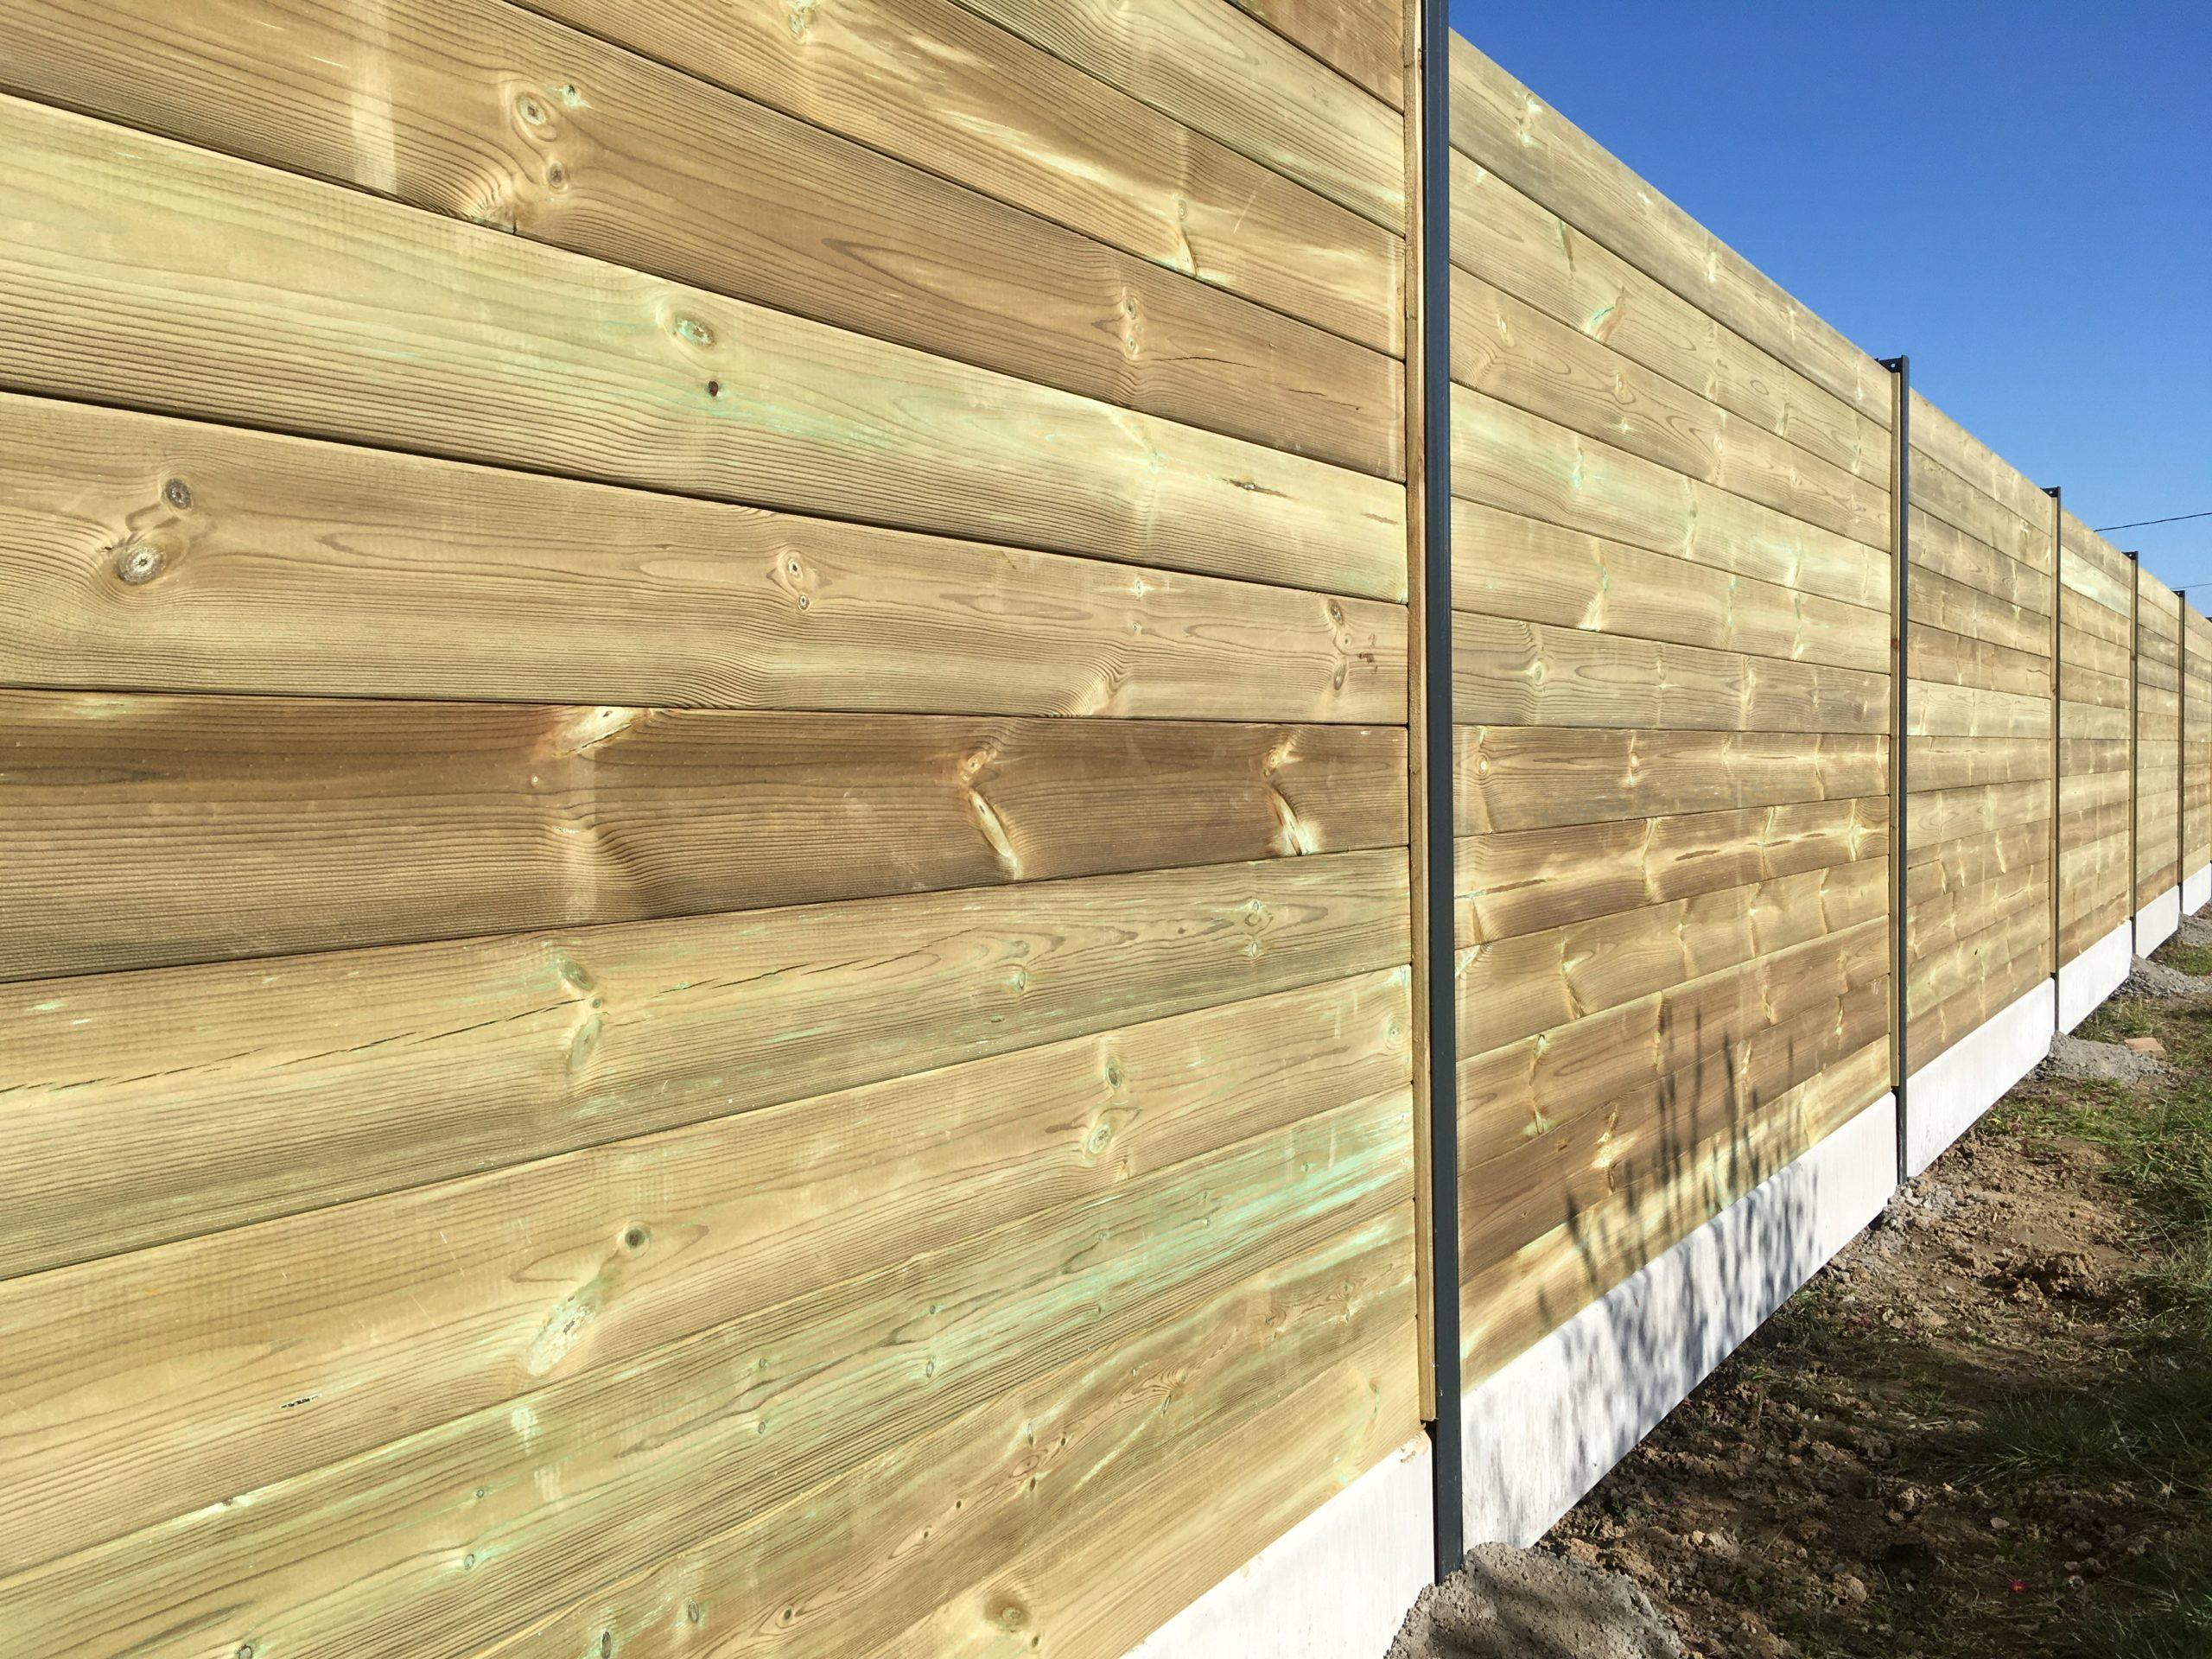 Clôture avec lames de bois emboitées et poteau en aluminium haute résistance